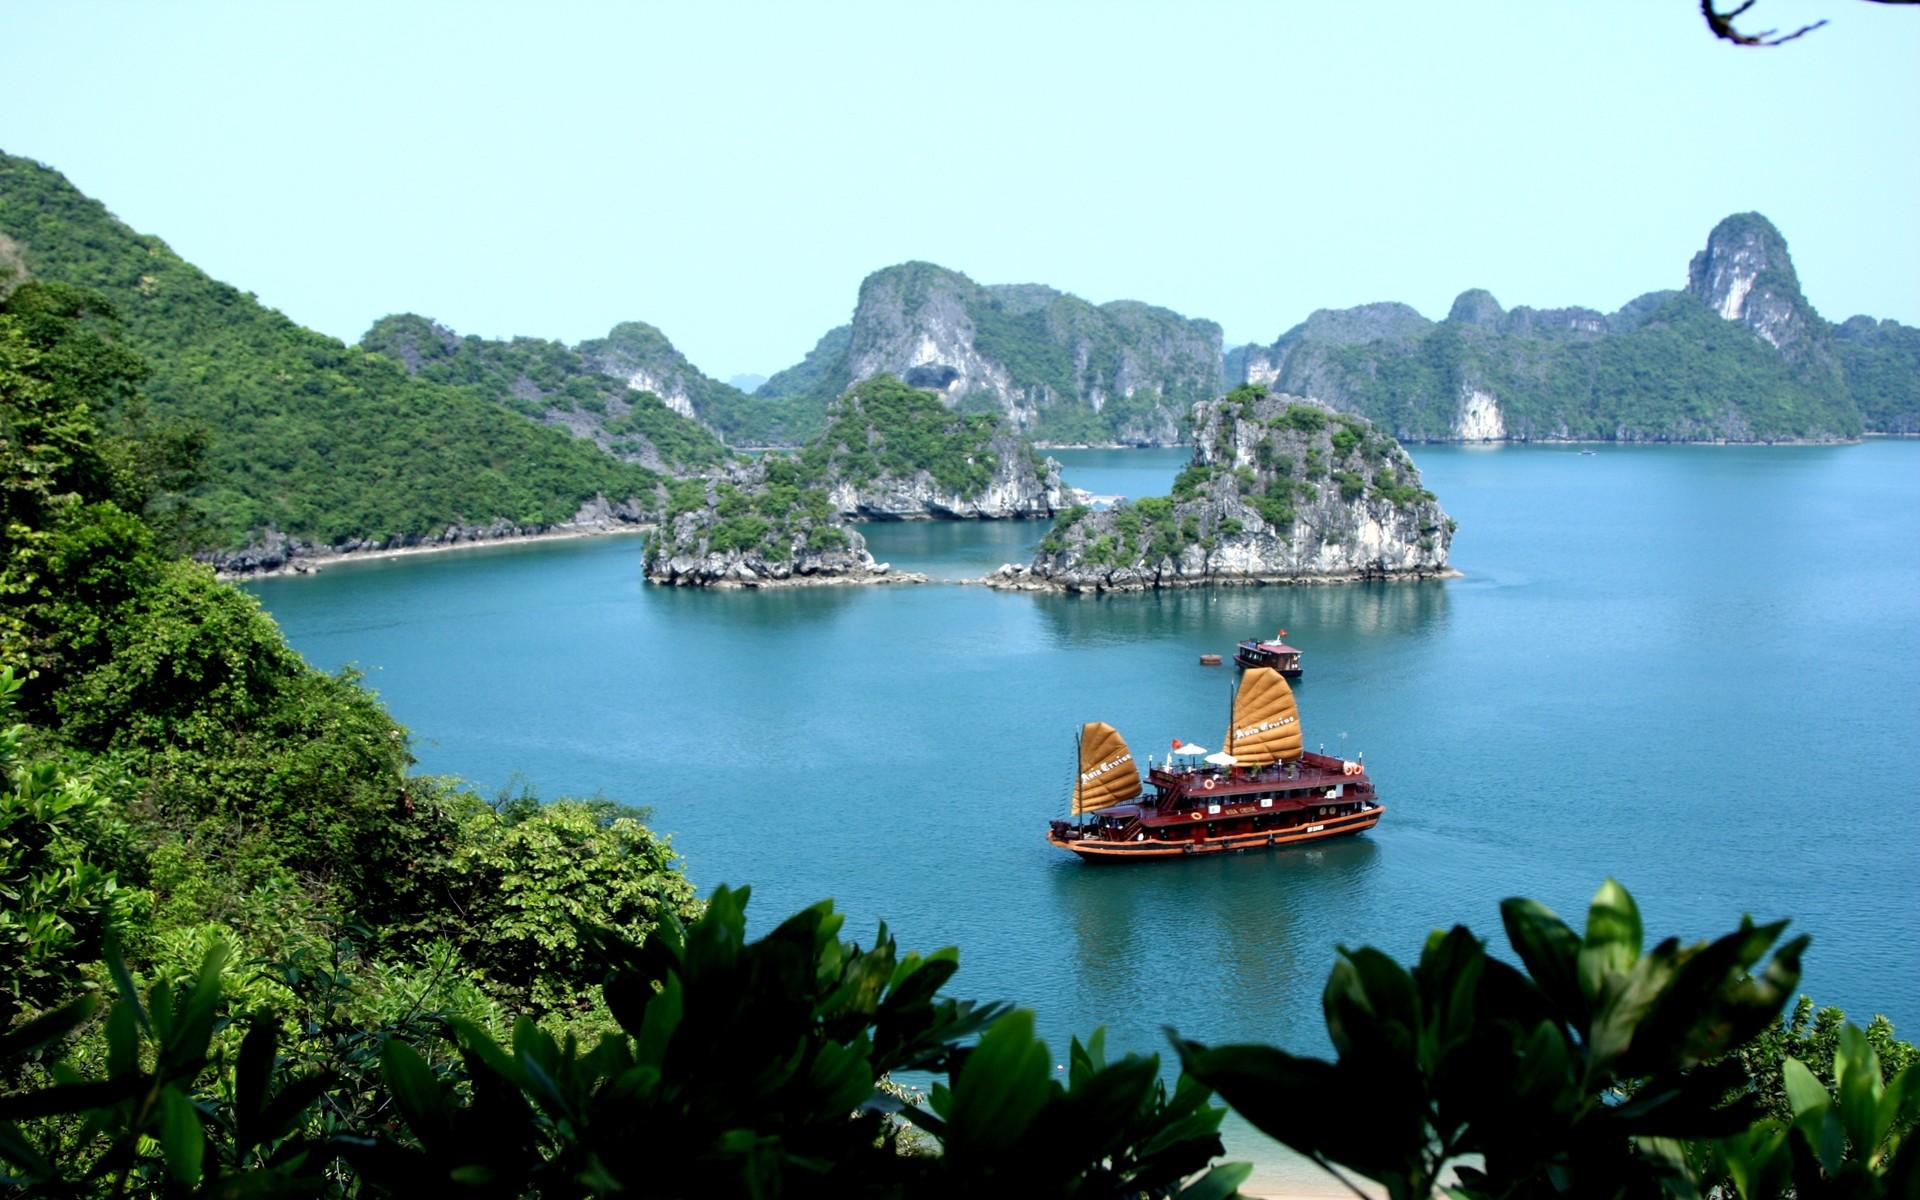 Tải ảnh vịnh Hạ Long cực đẹp